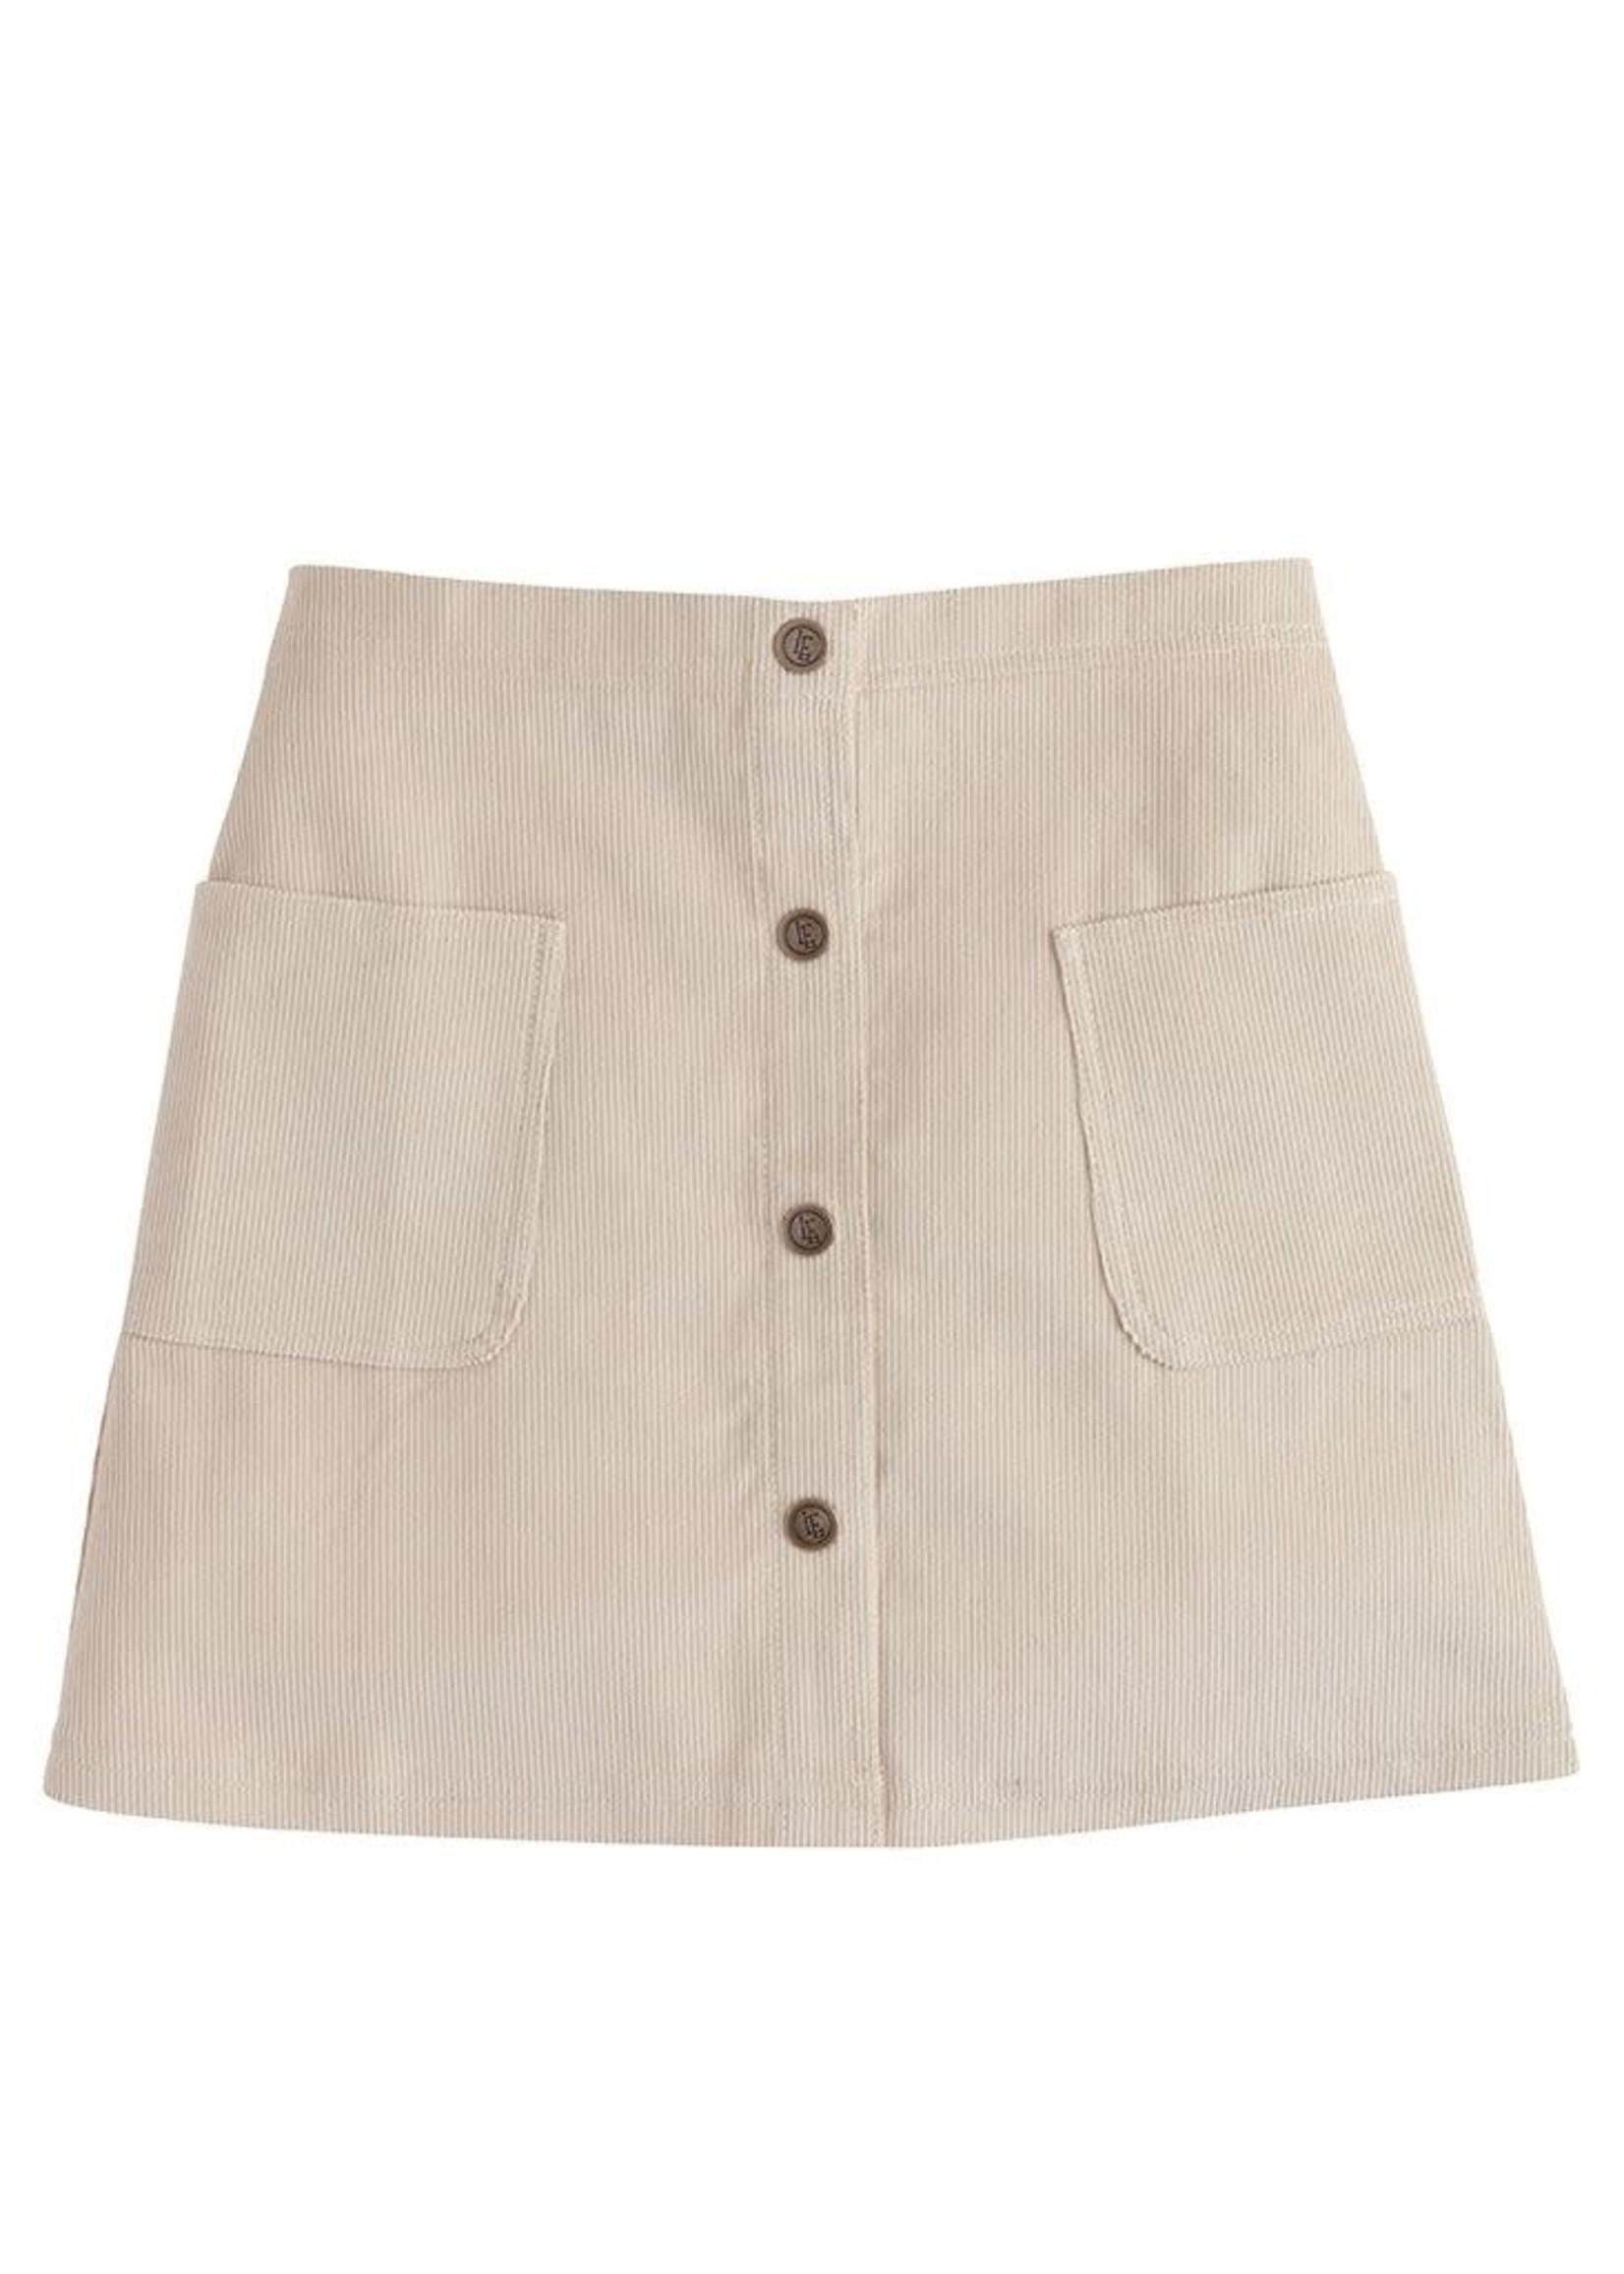 Little English Emily Pocket Skirt - Khaki Corduoy